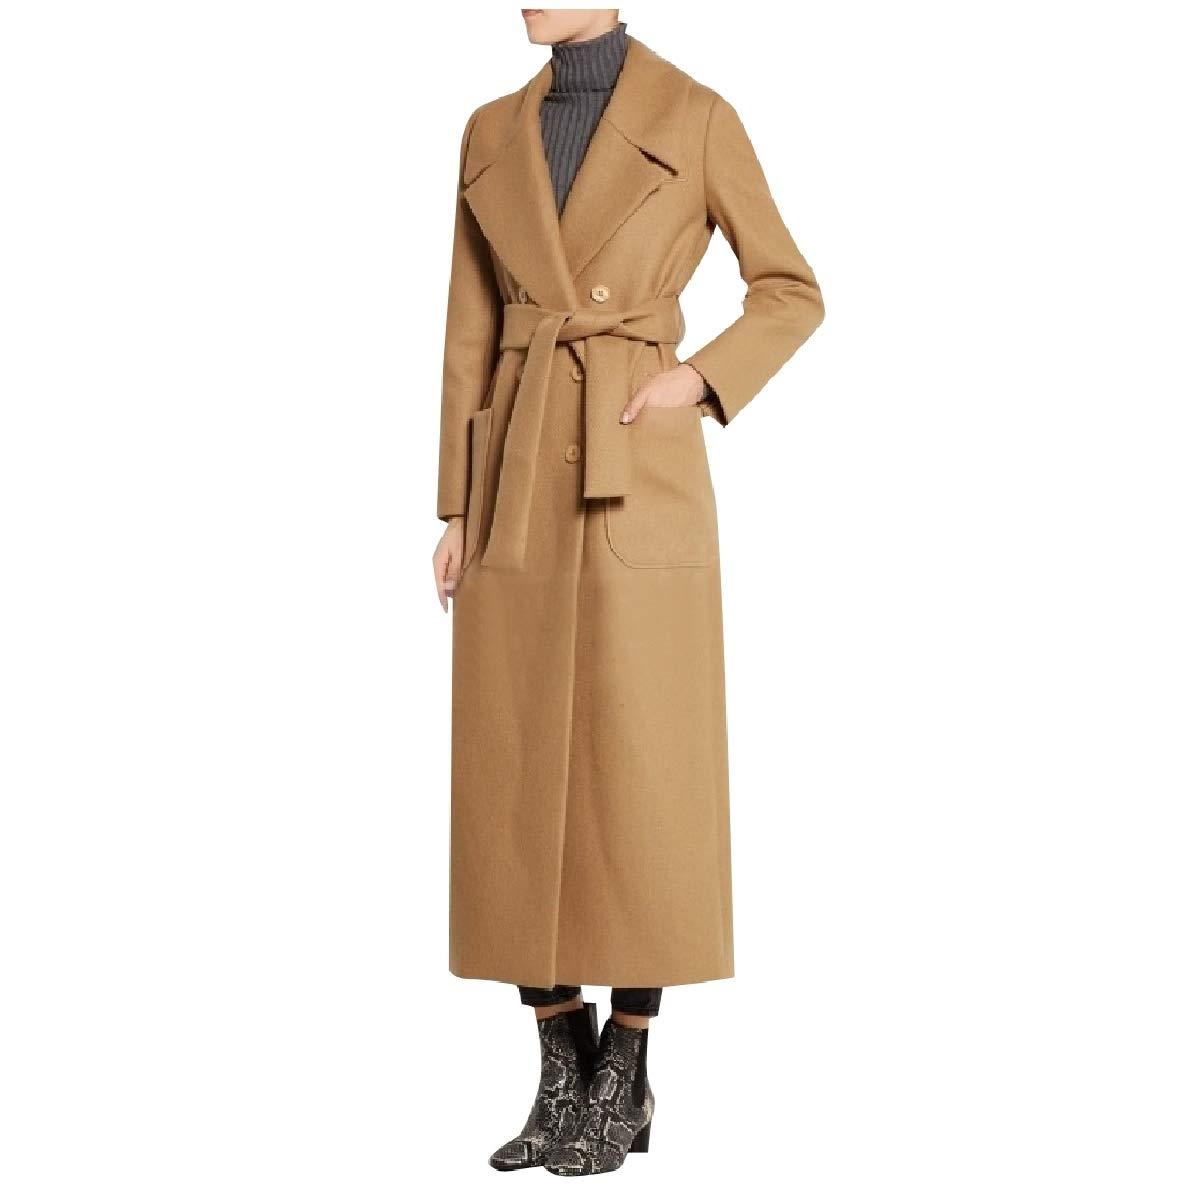 YUNY Women Faux Wool Long Slim Fitting Classics Trench Tunic Pea Coat Camel XS